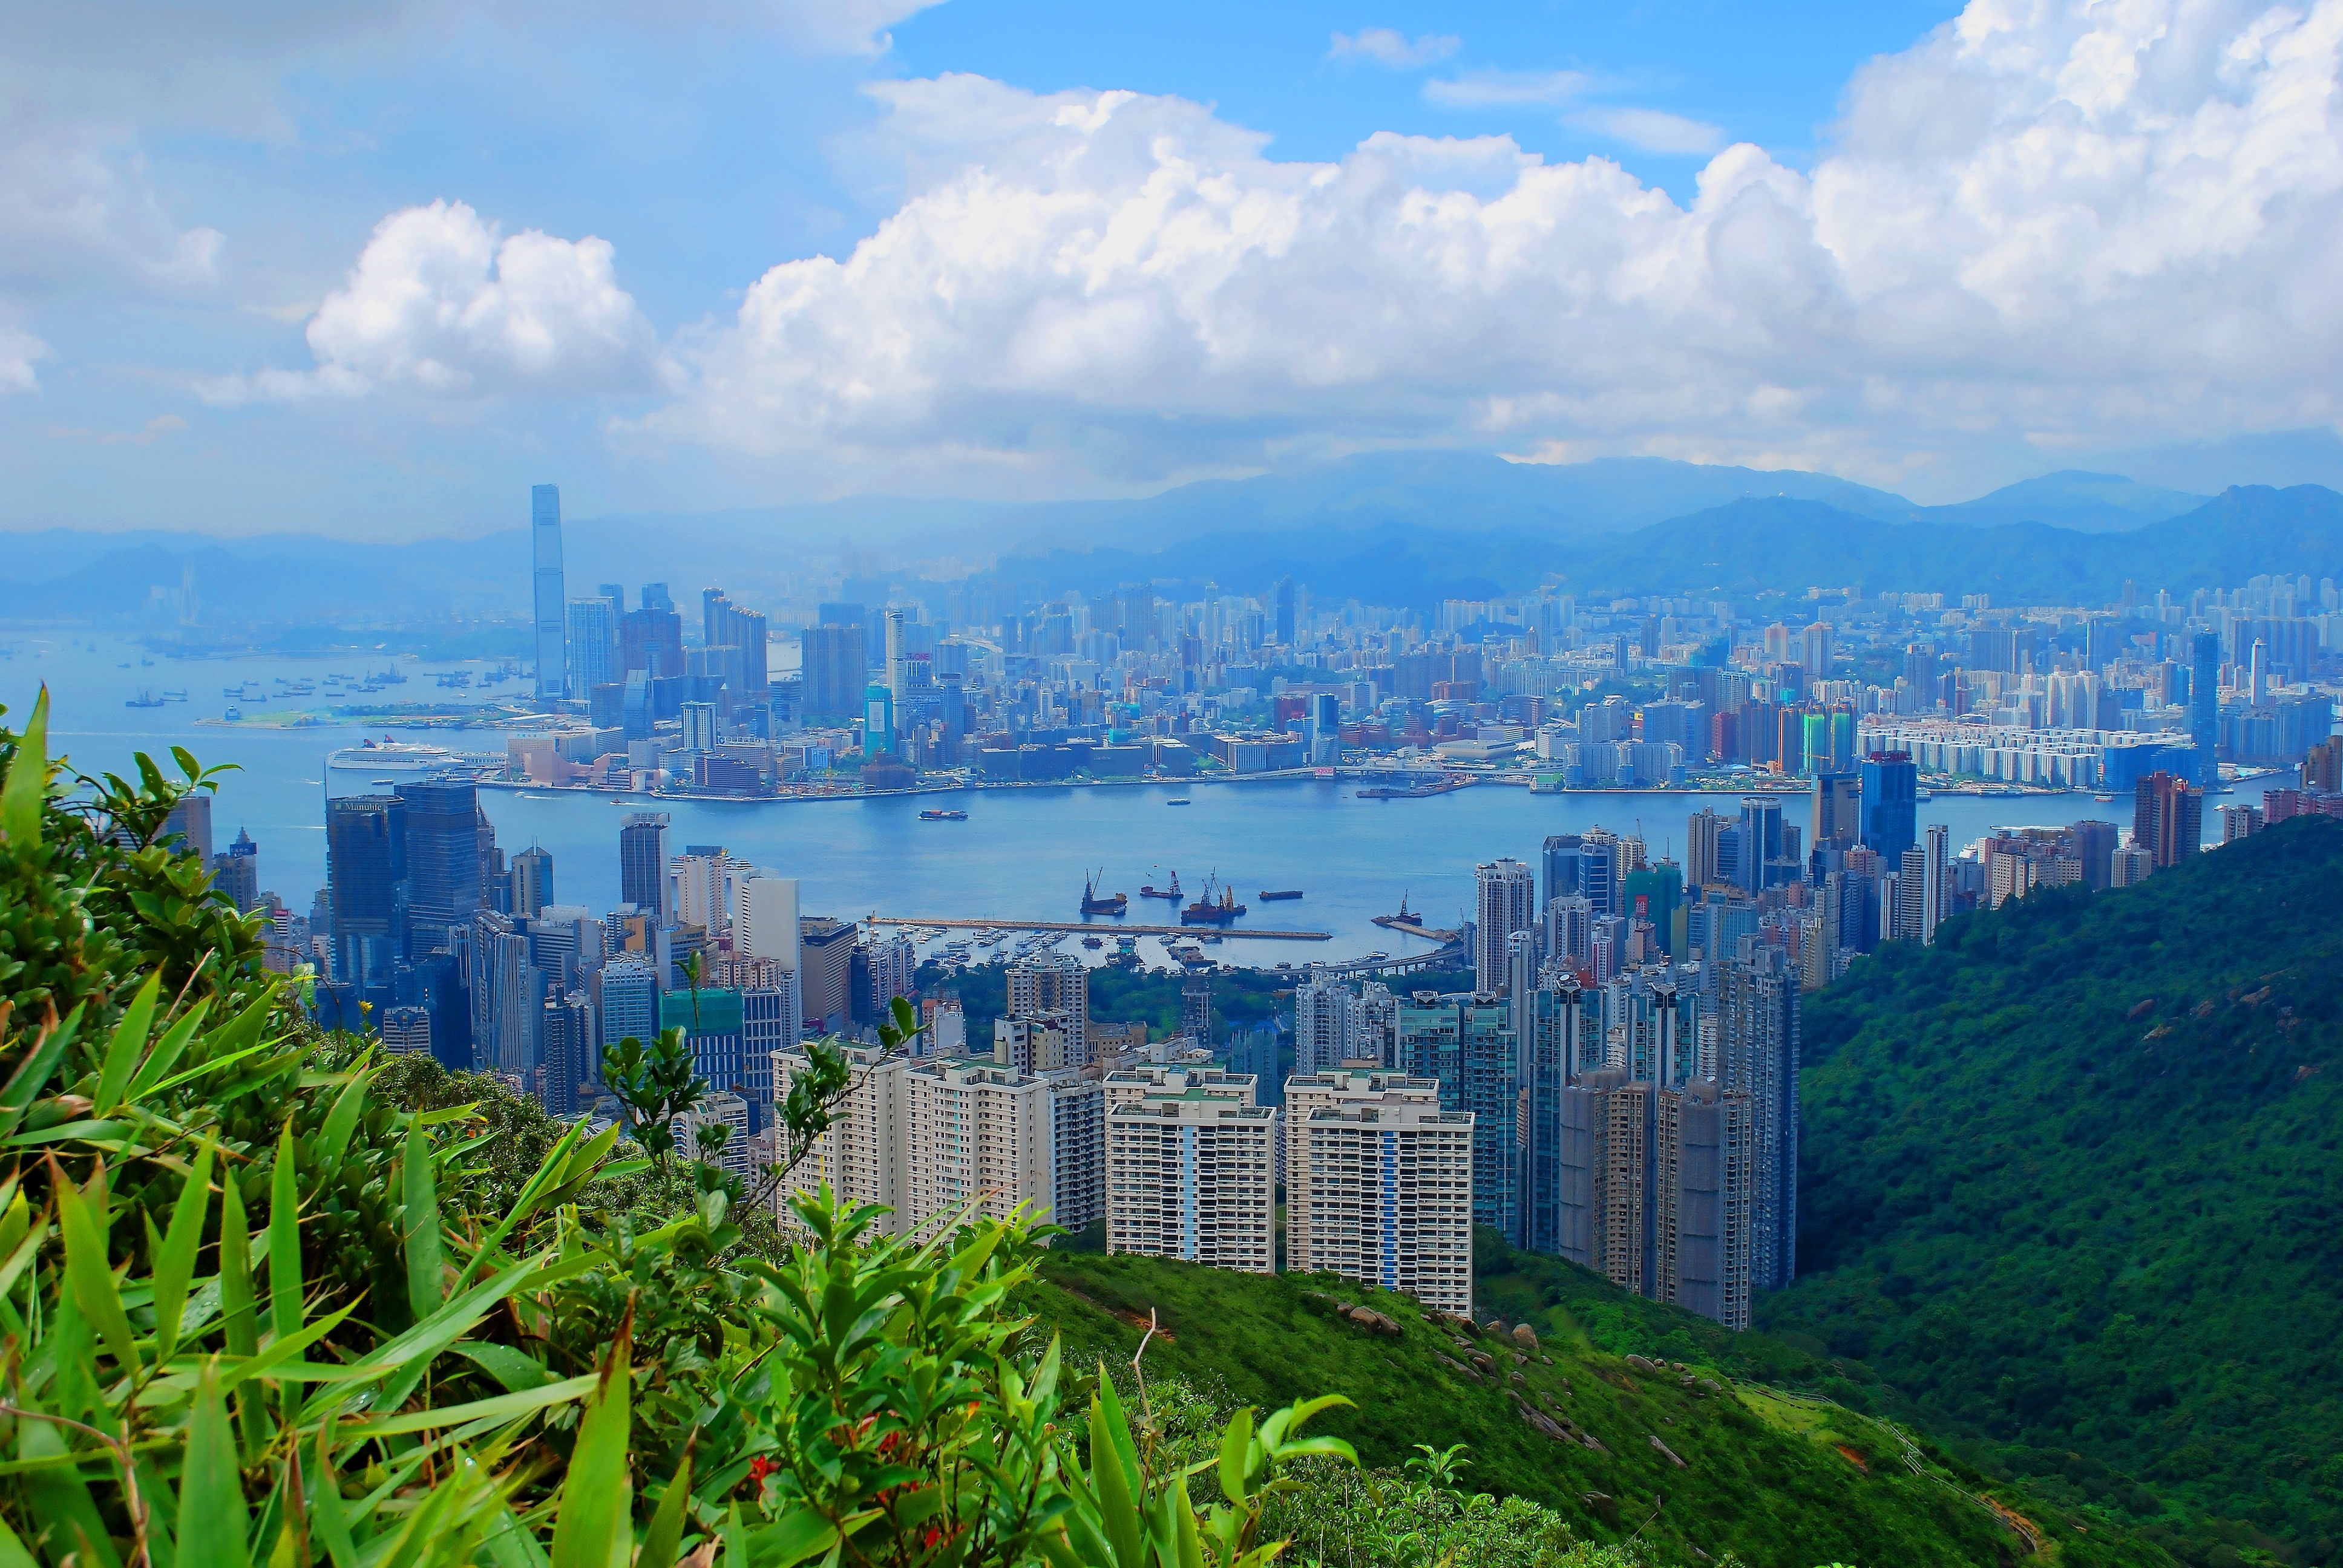 【新聞看點】中共推大灣區 香港將成白手套?